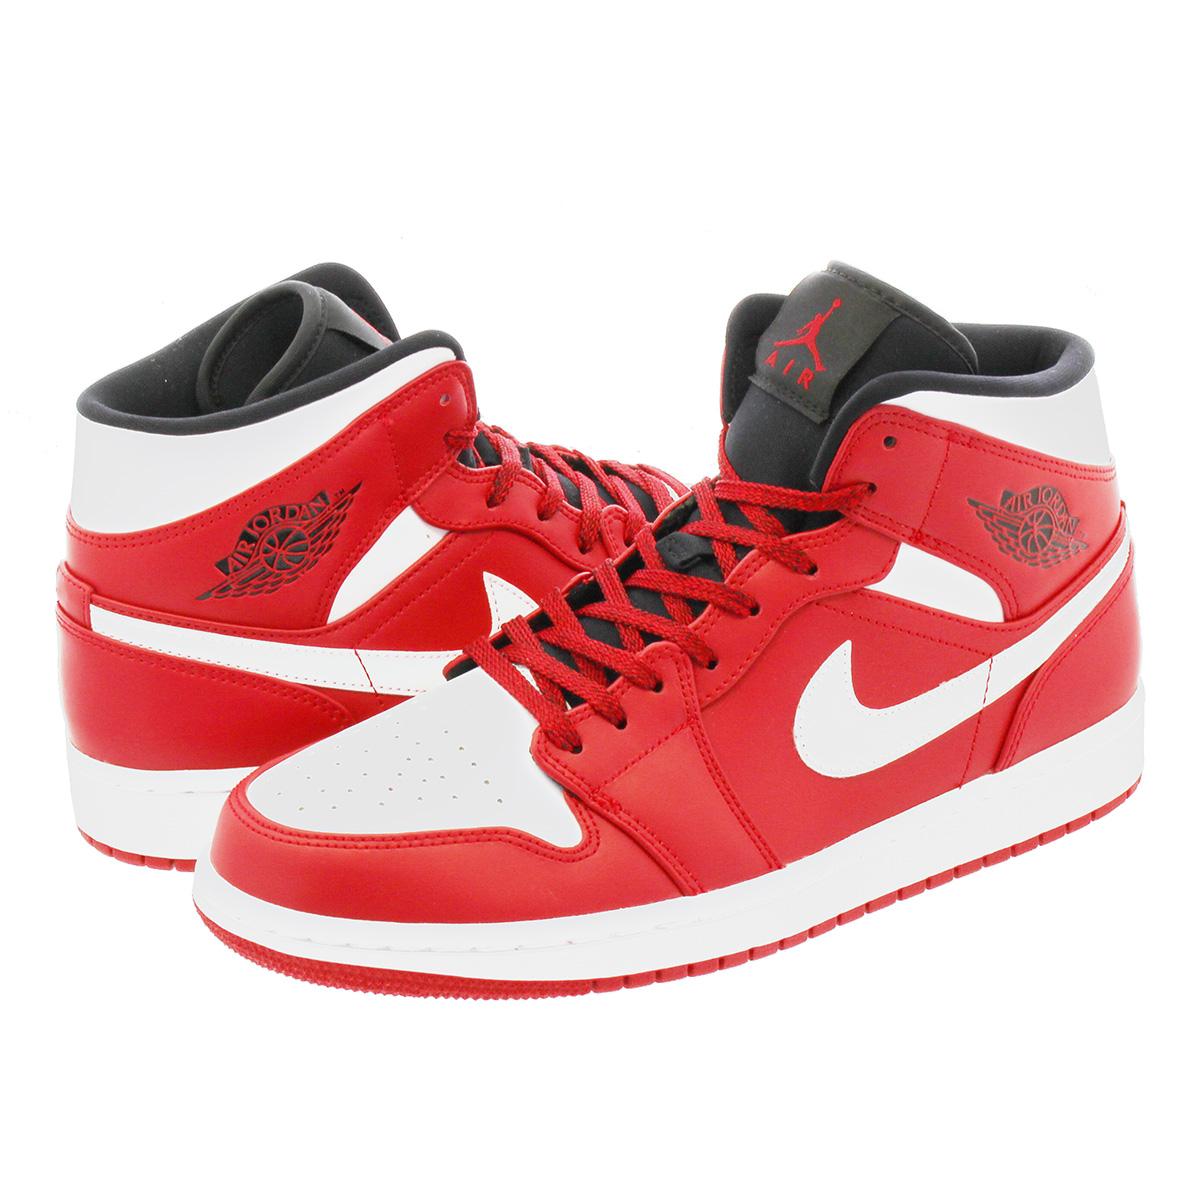 watch e2942 4211d NIKE AIR JORDAN 1 MID Nike Air Jordan 1 mid GYM RED/WHITE 554,724-605